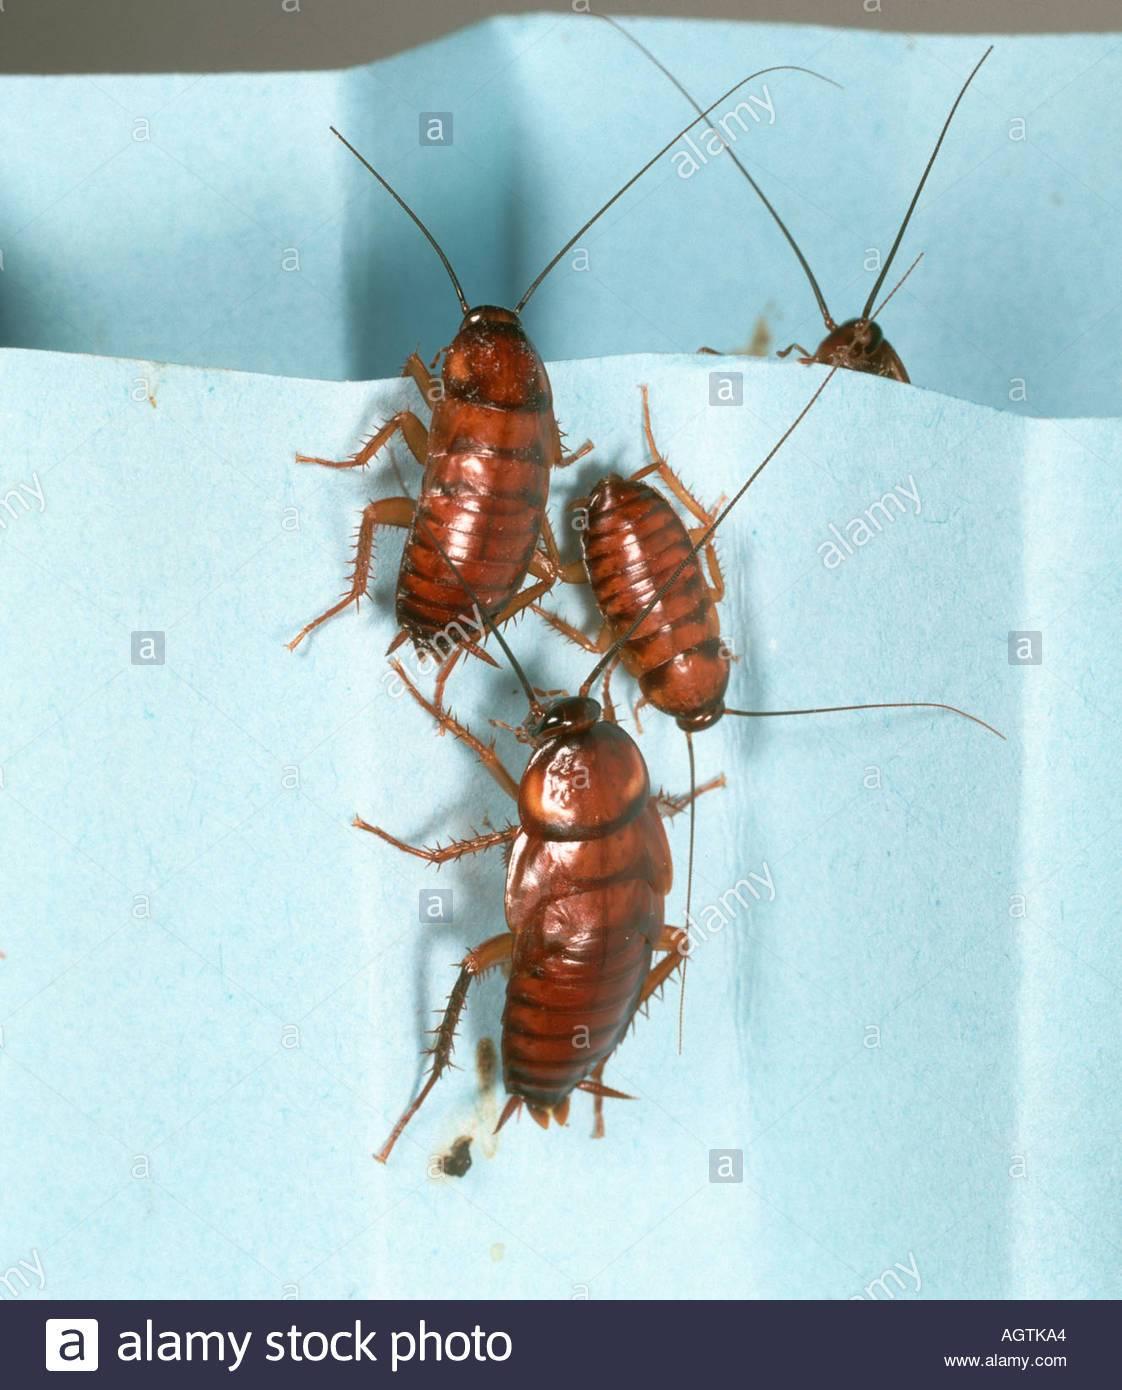 Откуда появляются тараканы в квартире и как с ними бороться?